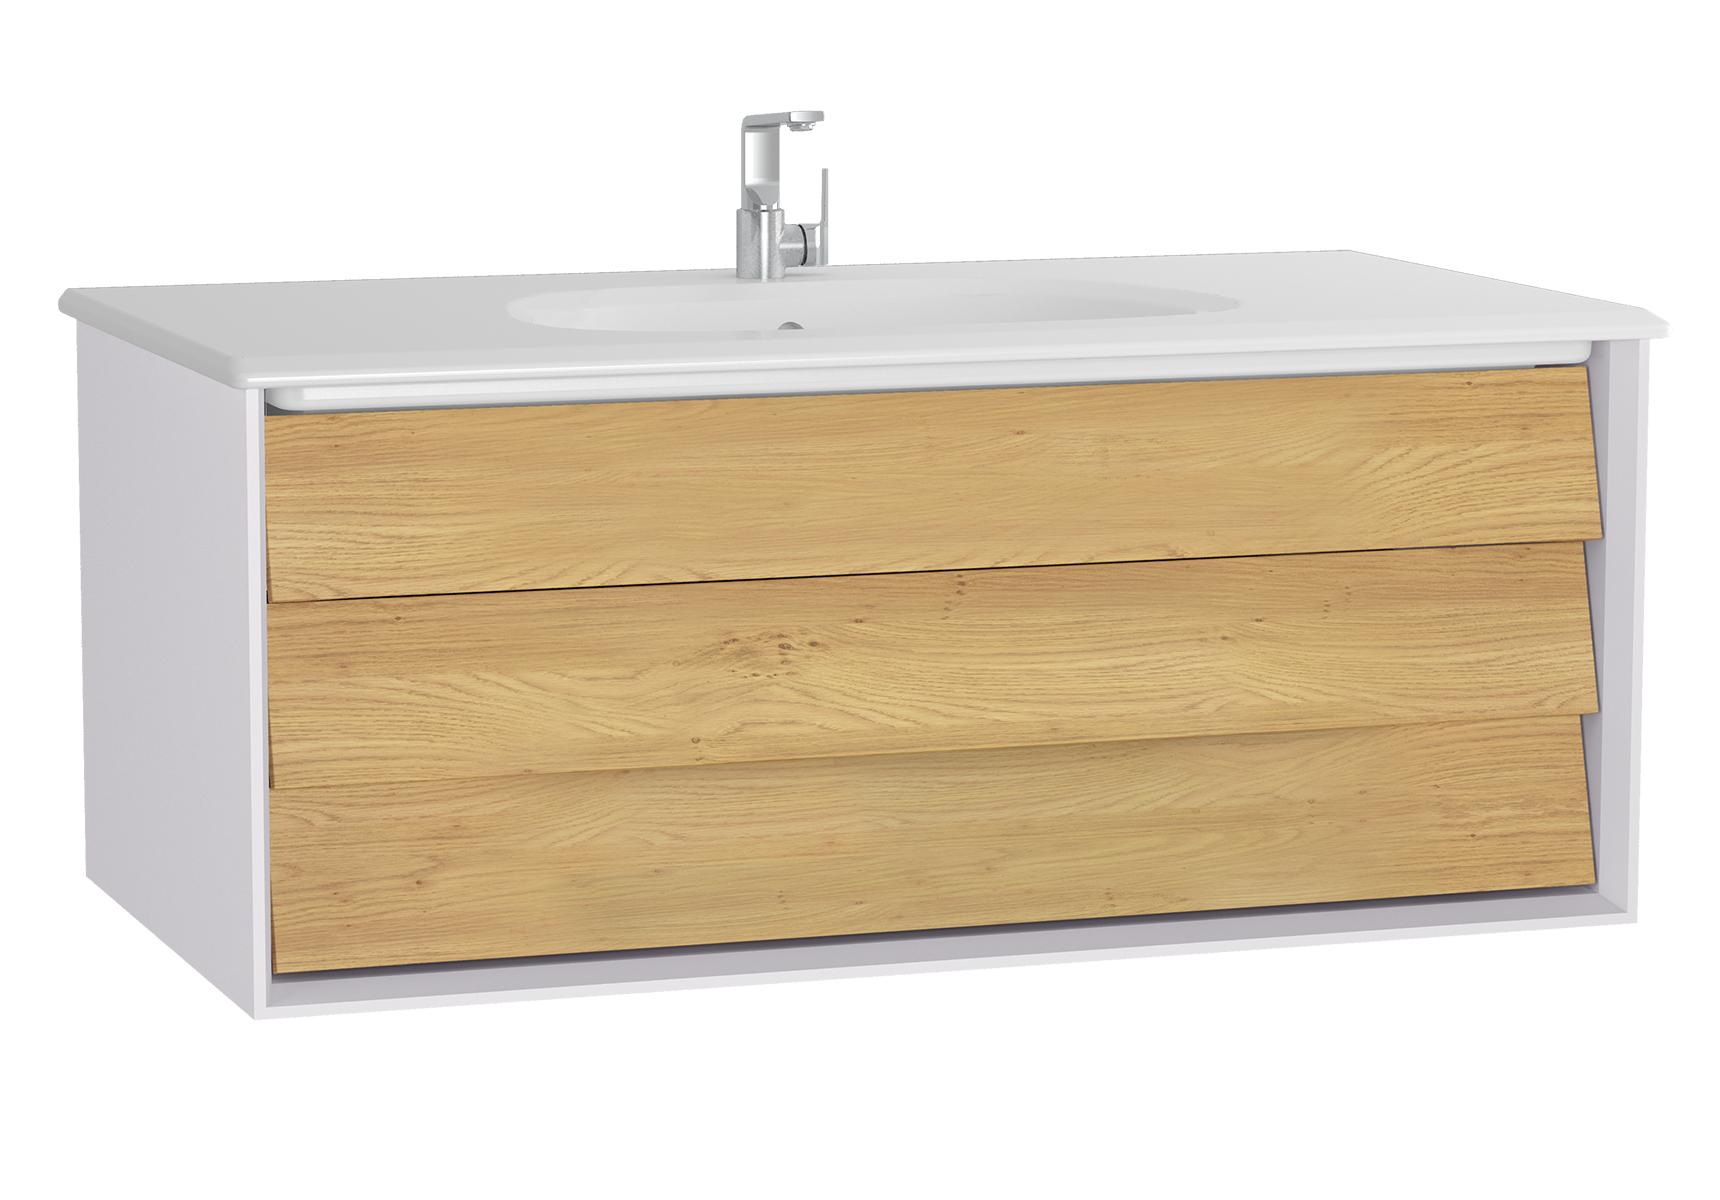 Frame meuble avec plan céramique, 102,5 cm, chêne doré, mat blanc, avec blanc plan céramique